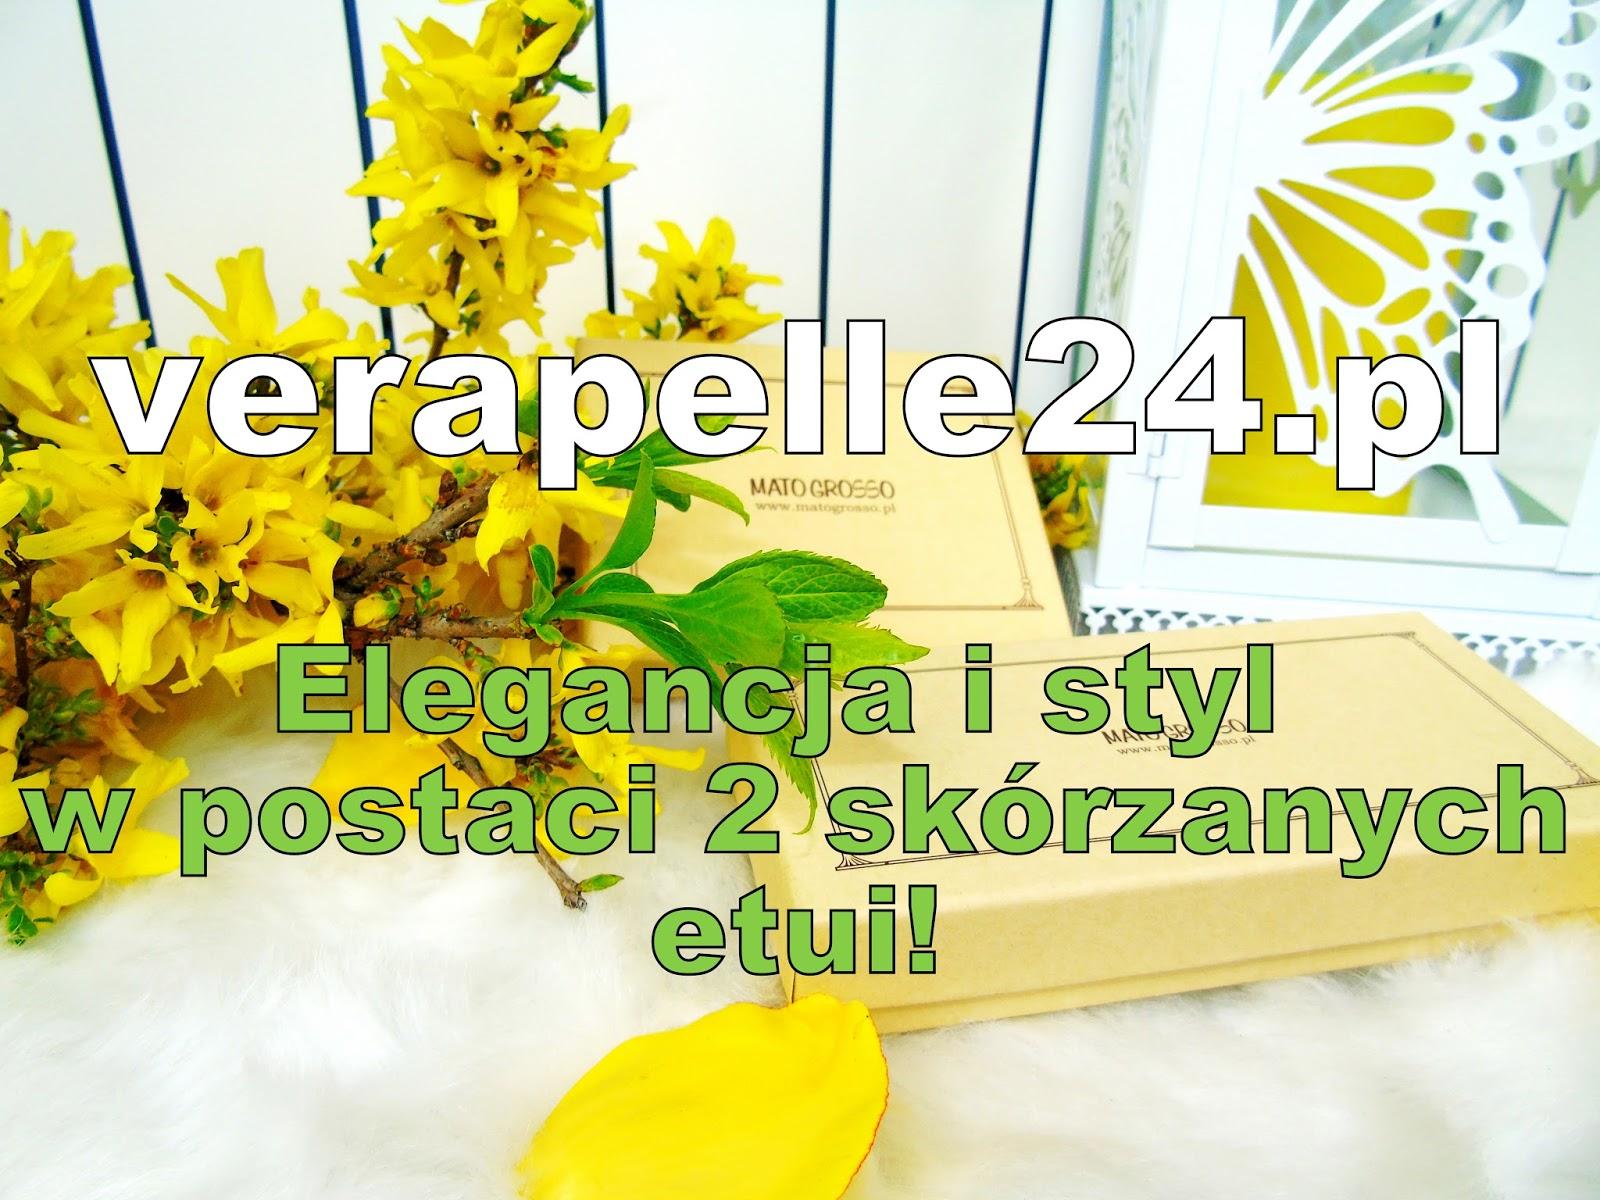 Pomysł na prezent bardziej formalny - VERAPELLE24.PL